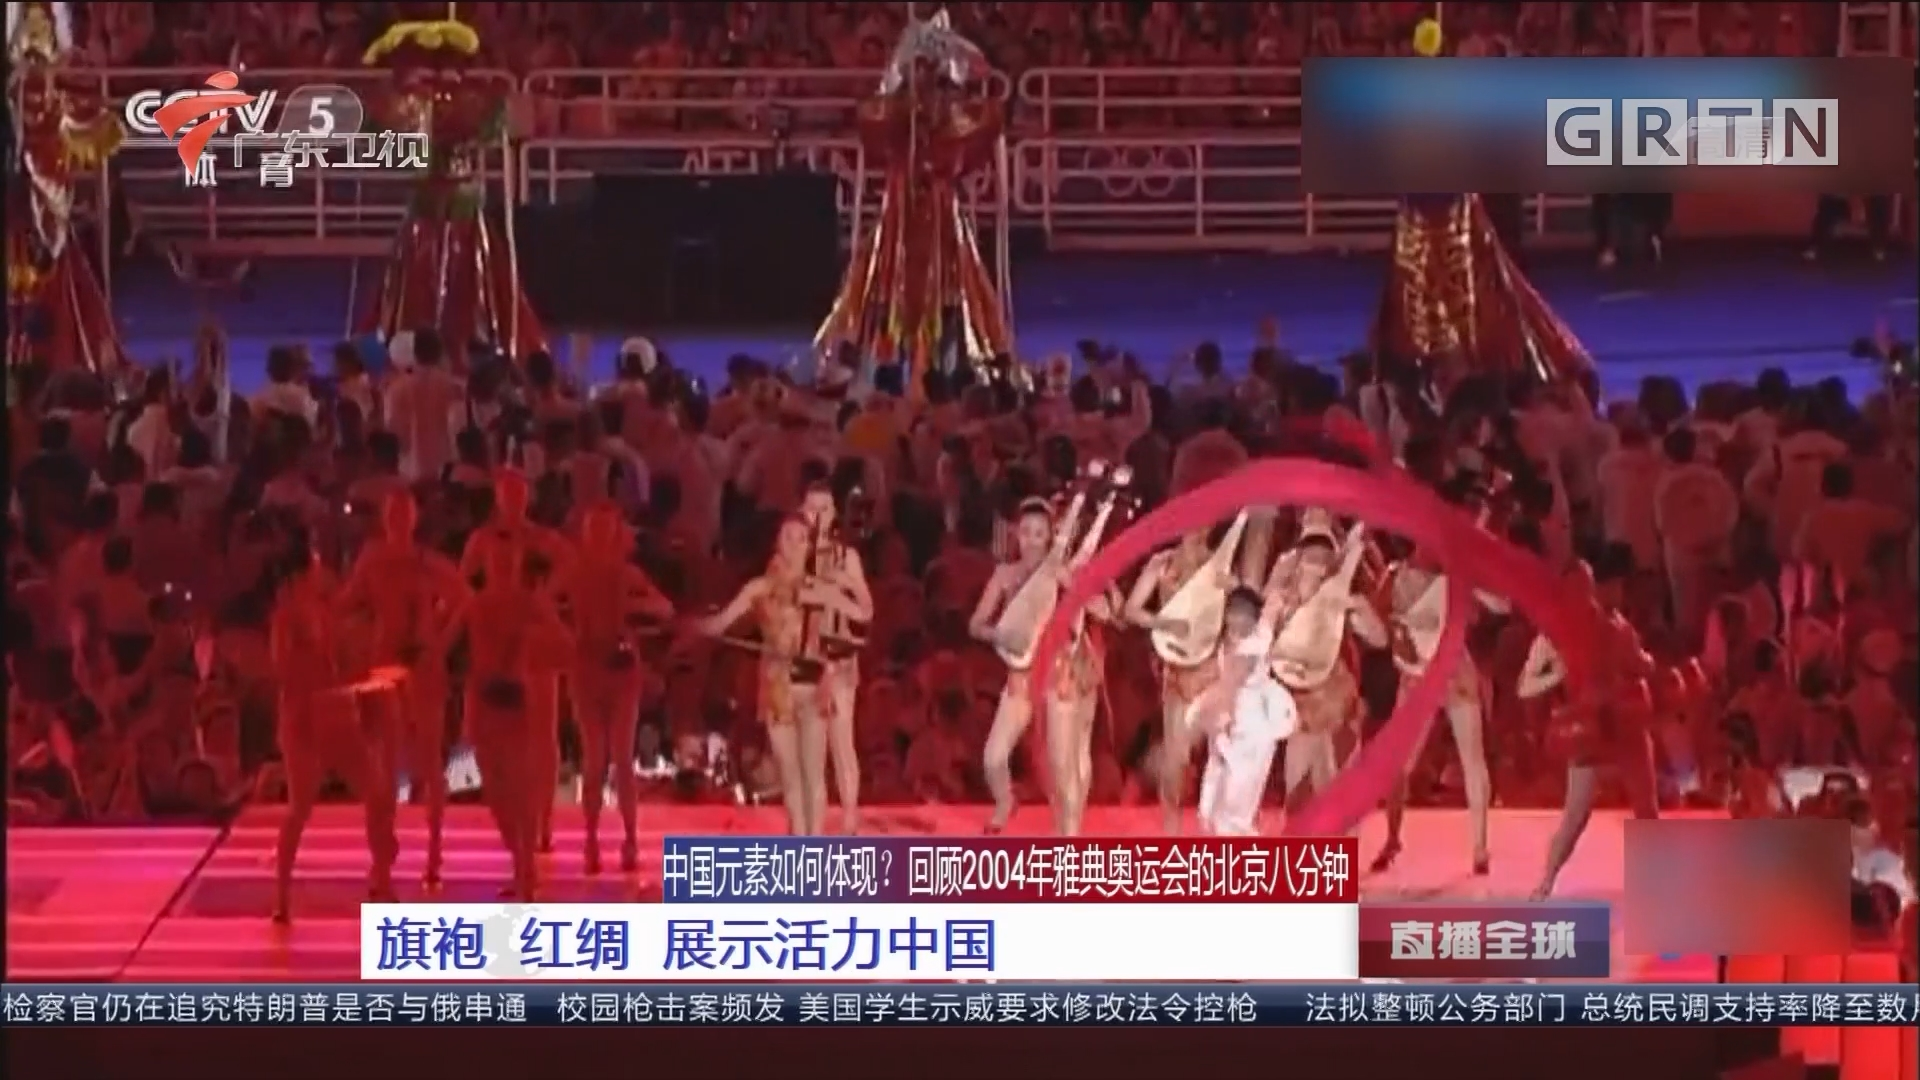 中国元素如何体现? 回顾2004年雅典奥运会的北京八分钟 旗袍 红绸 展示活力中国